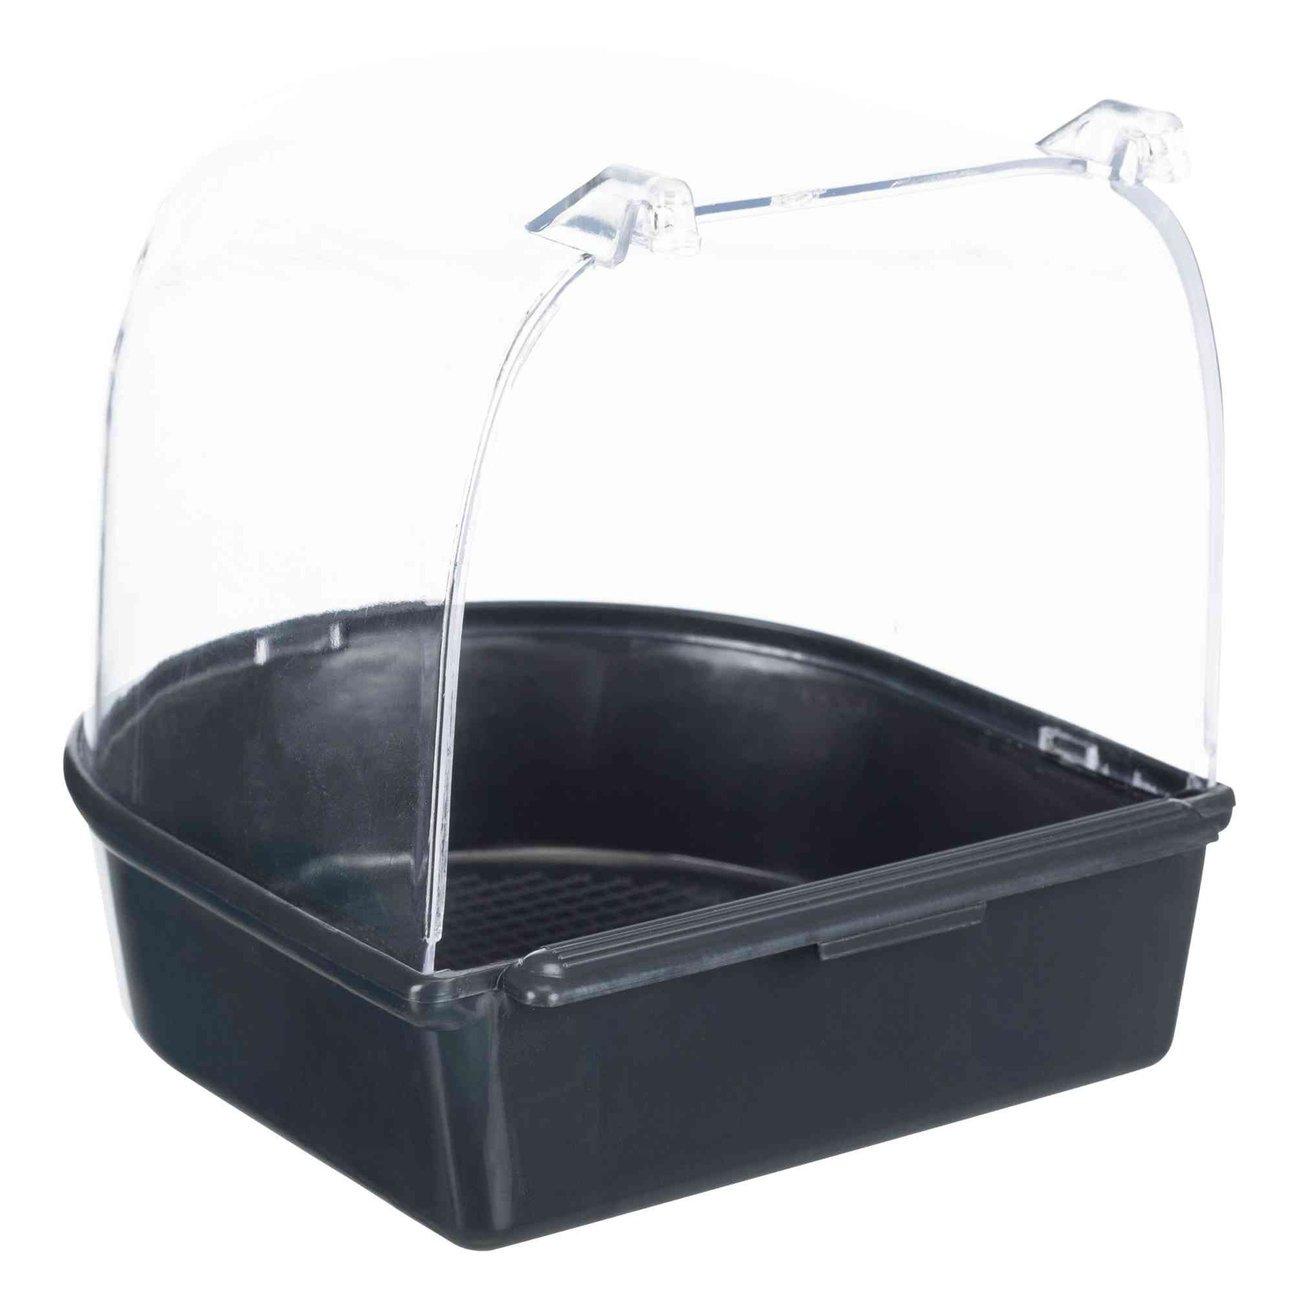 TRIXIE Badehaus für Vögel halbrund 5401, Bild 4